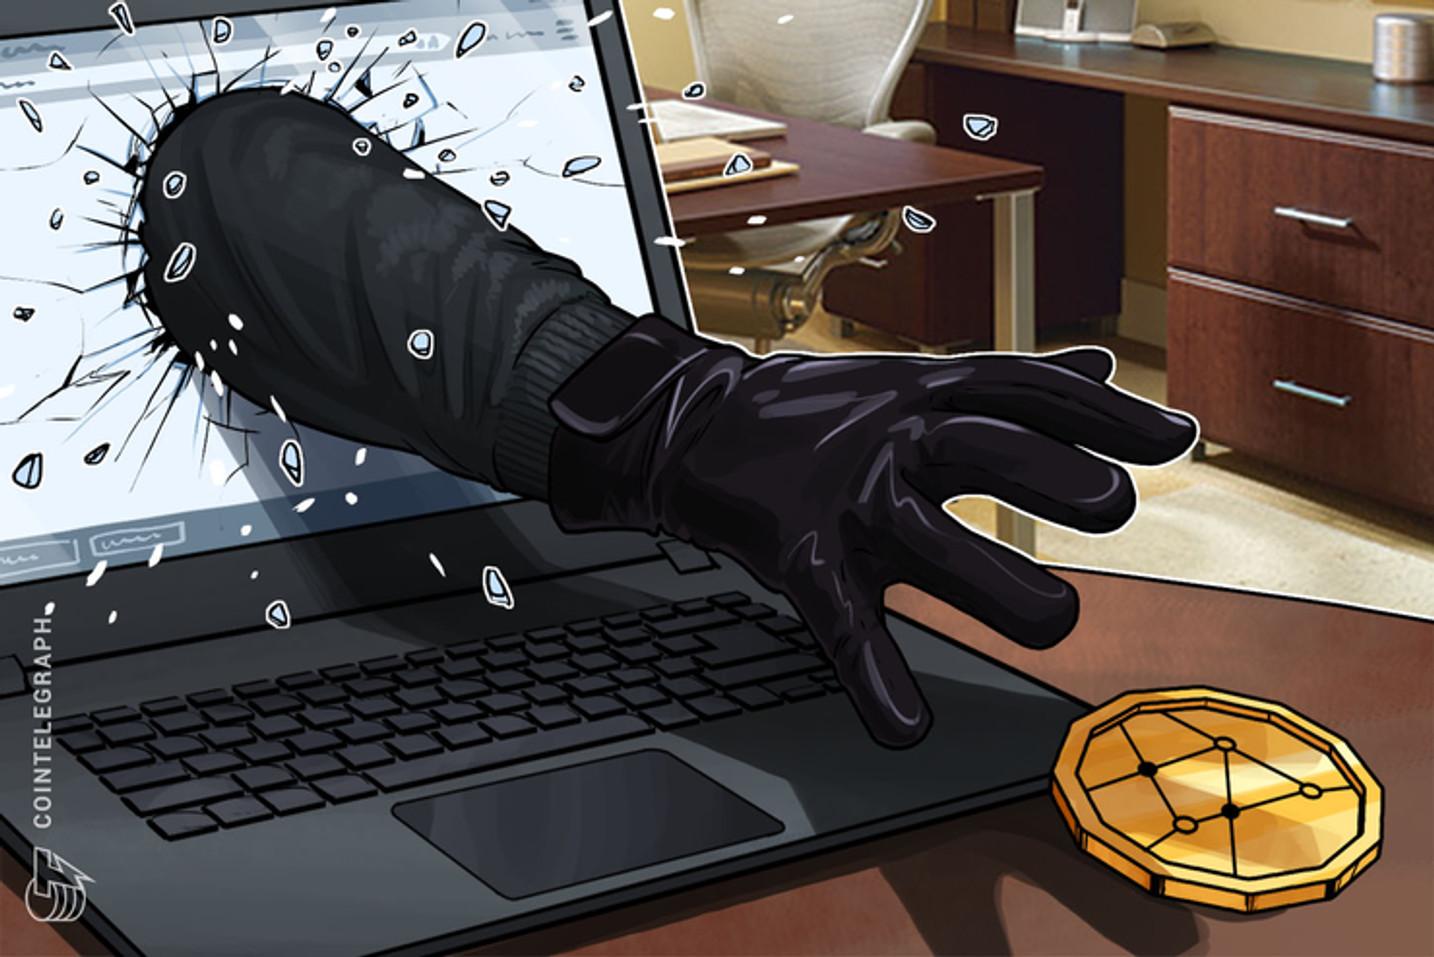 Raccoon: conheça o novo vírus que pode roubar as suas criptomoedas